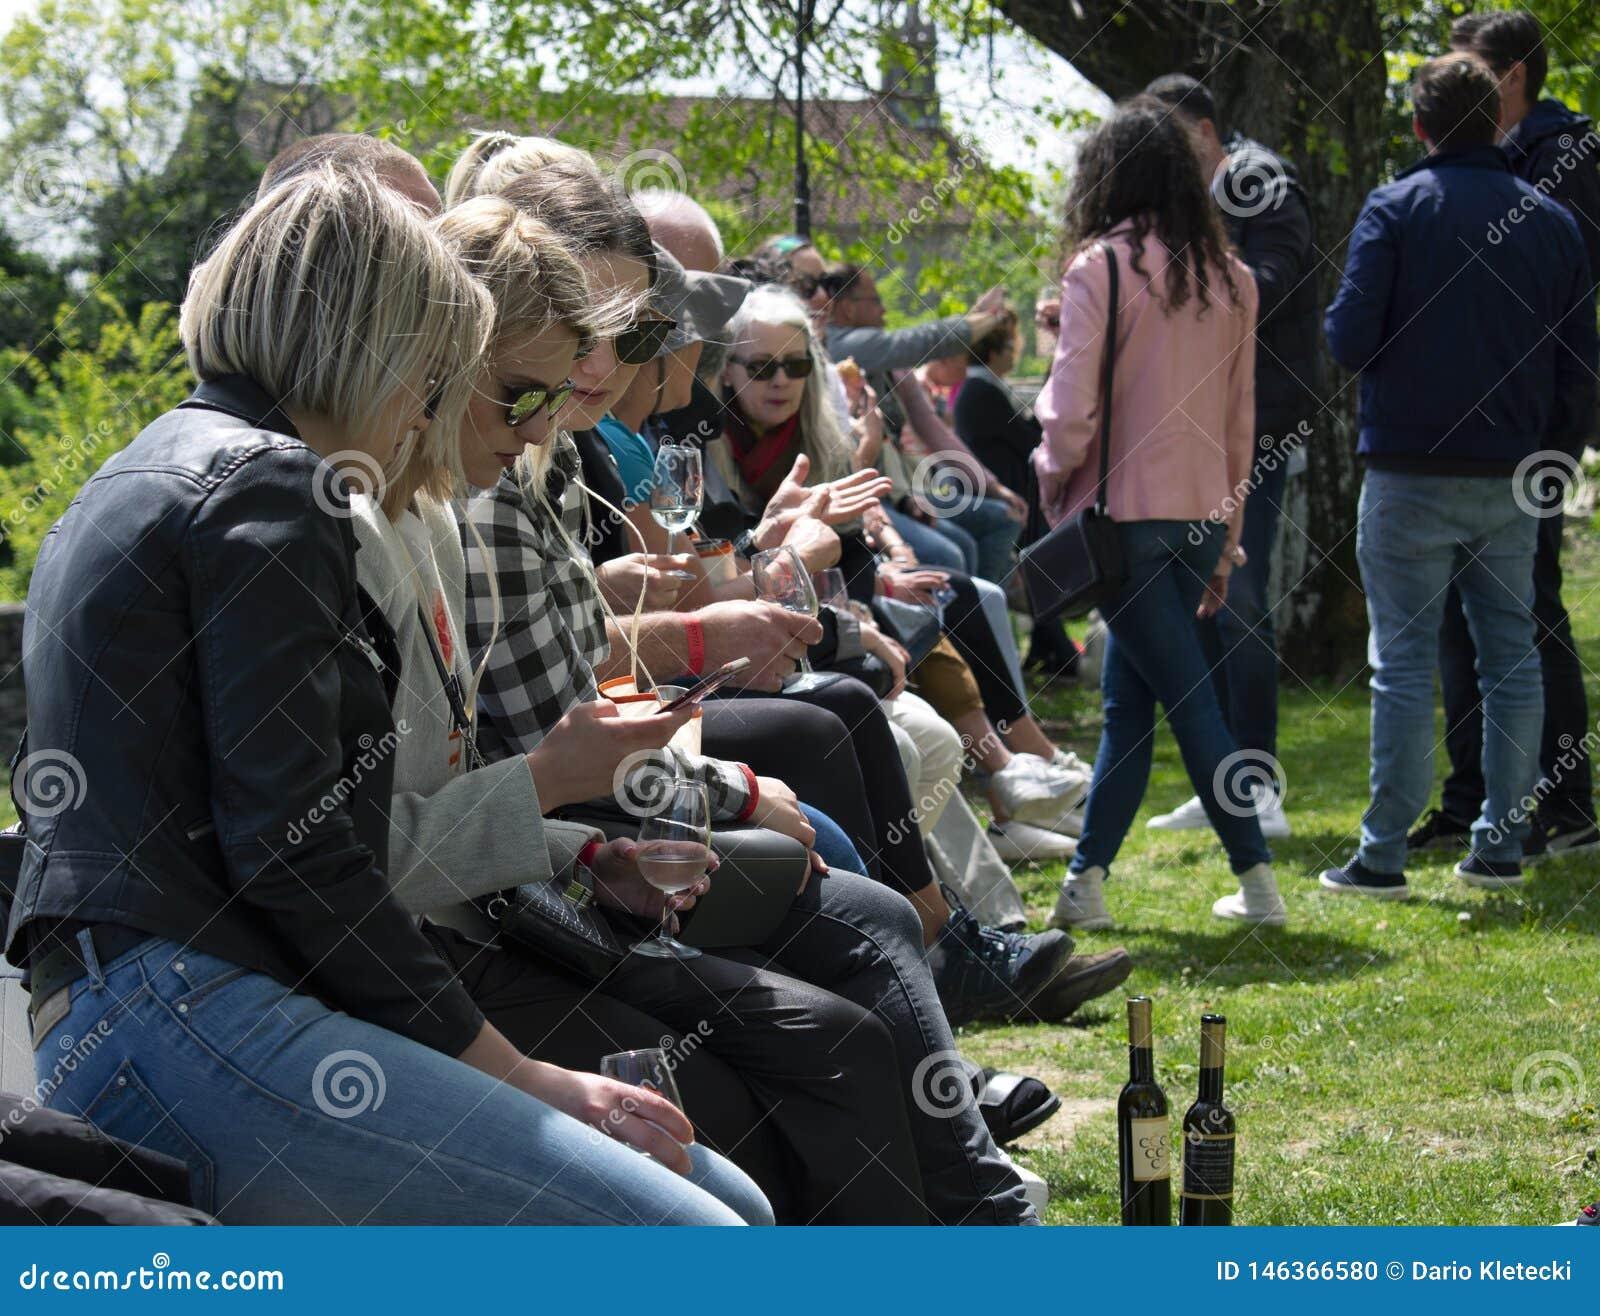 Группа в составе молодые люди на фестивале вина